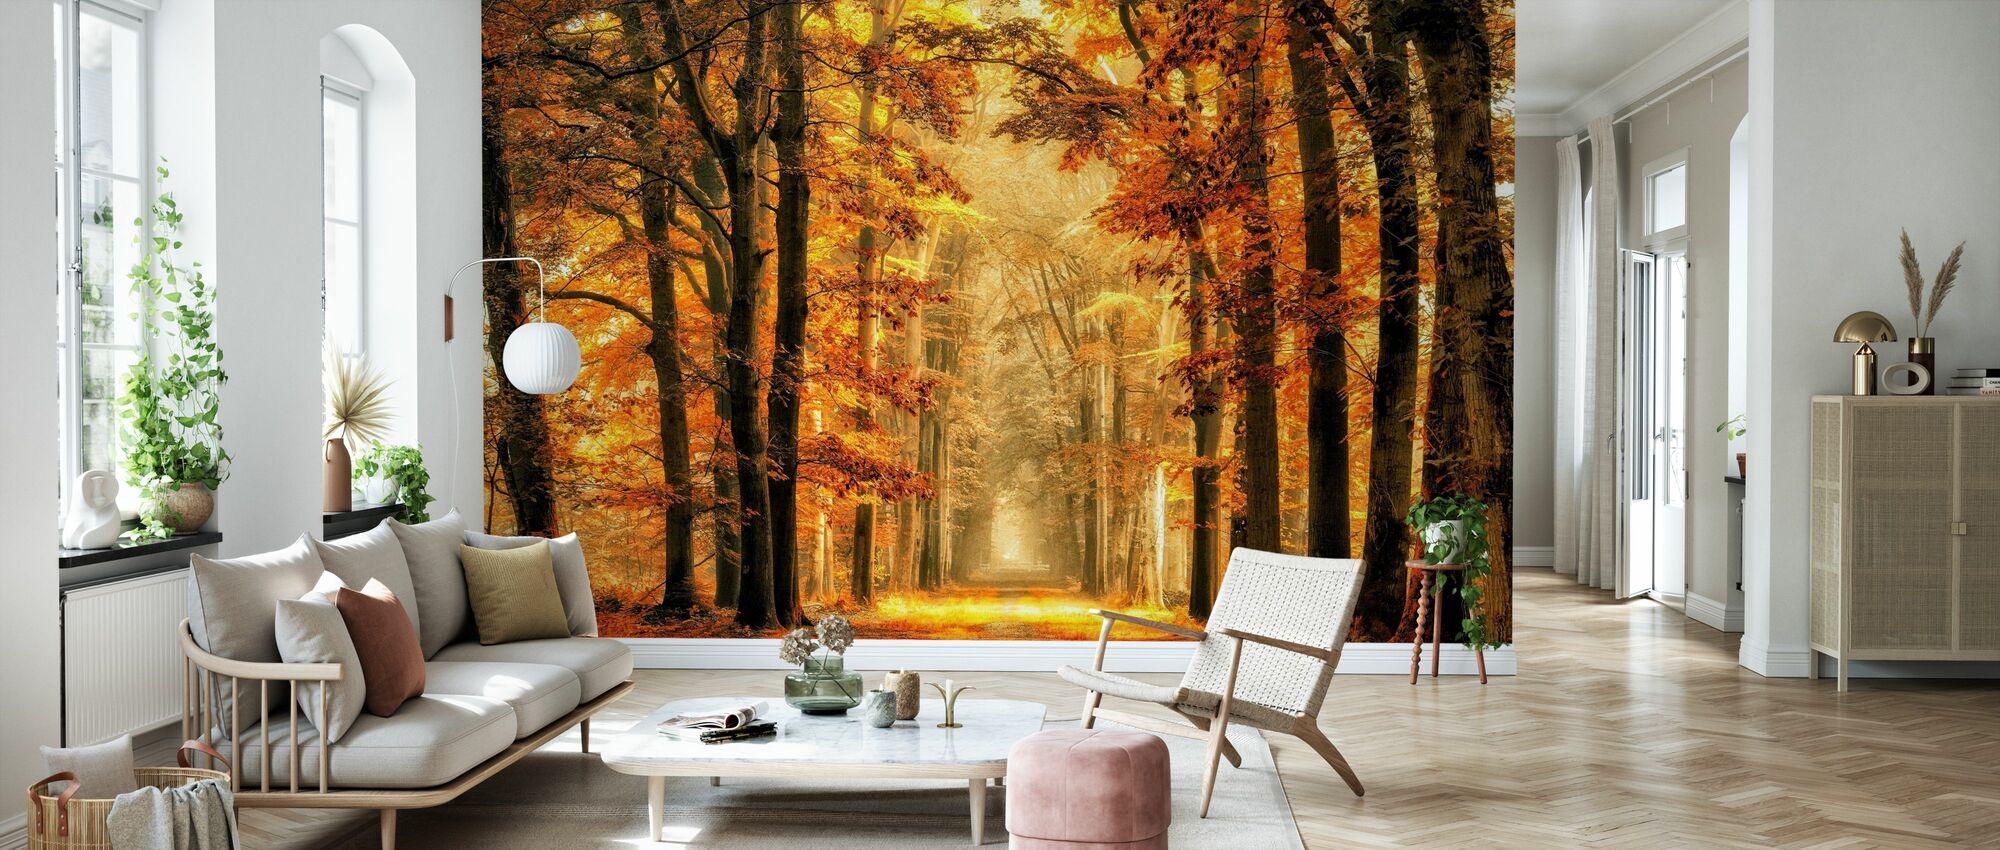 Exit the Portal - Wallpaper - Living Room